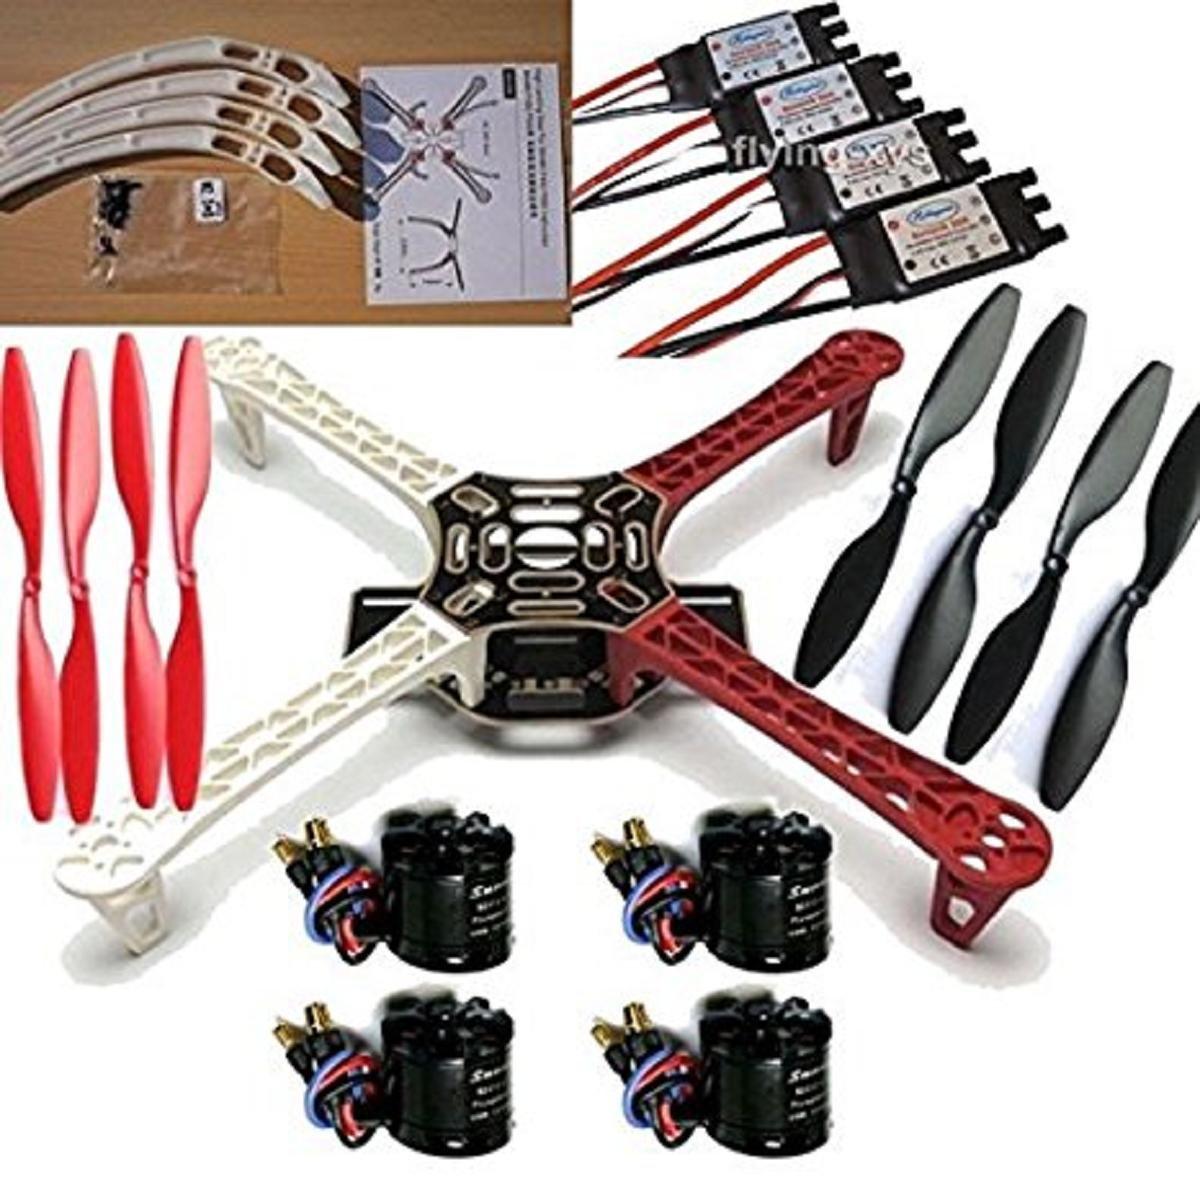 国内初の直営店 DIY Flamewheel F450 クワッドコプター対応キット X2212 フレームキット& Sunnysky 30A X2212 B01AABWVKA 980KVブラシレスモーター&SimonK 30A ESC (フレームキット&980KVモーター&30A ESC) フレームキット&980KVモーター&30A ESC B01AABWVKA, 釣具の三平:f7ce1ea5 --- diceanalytics.pk